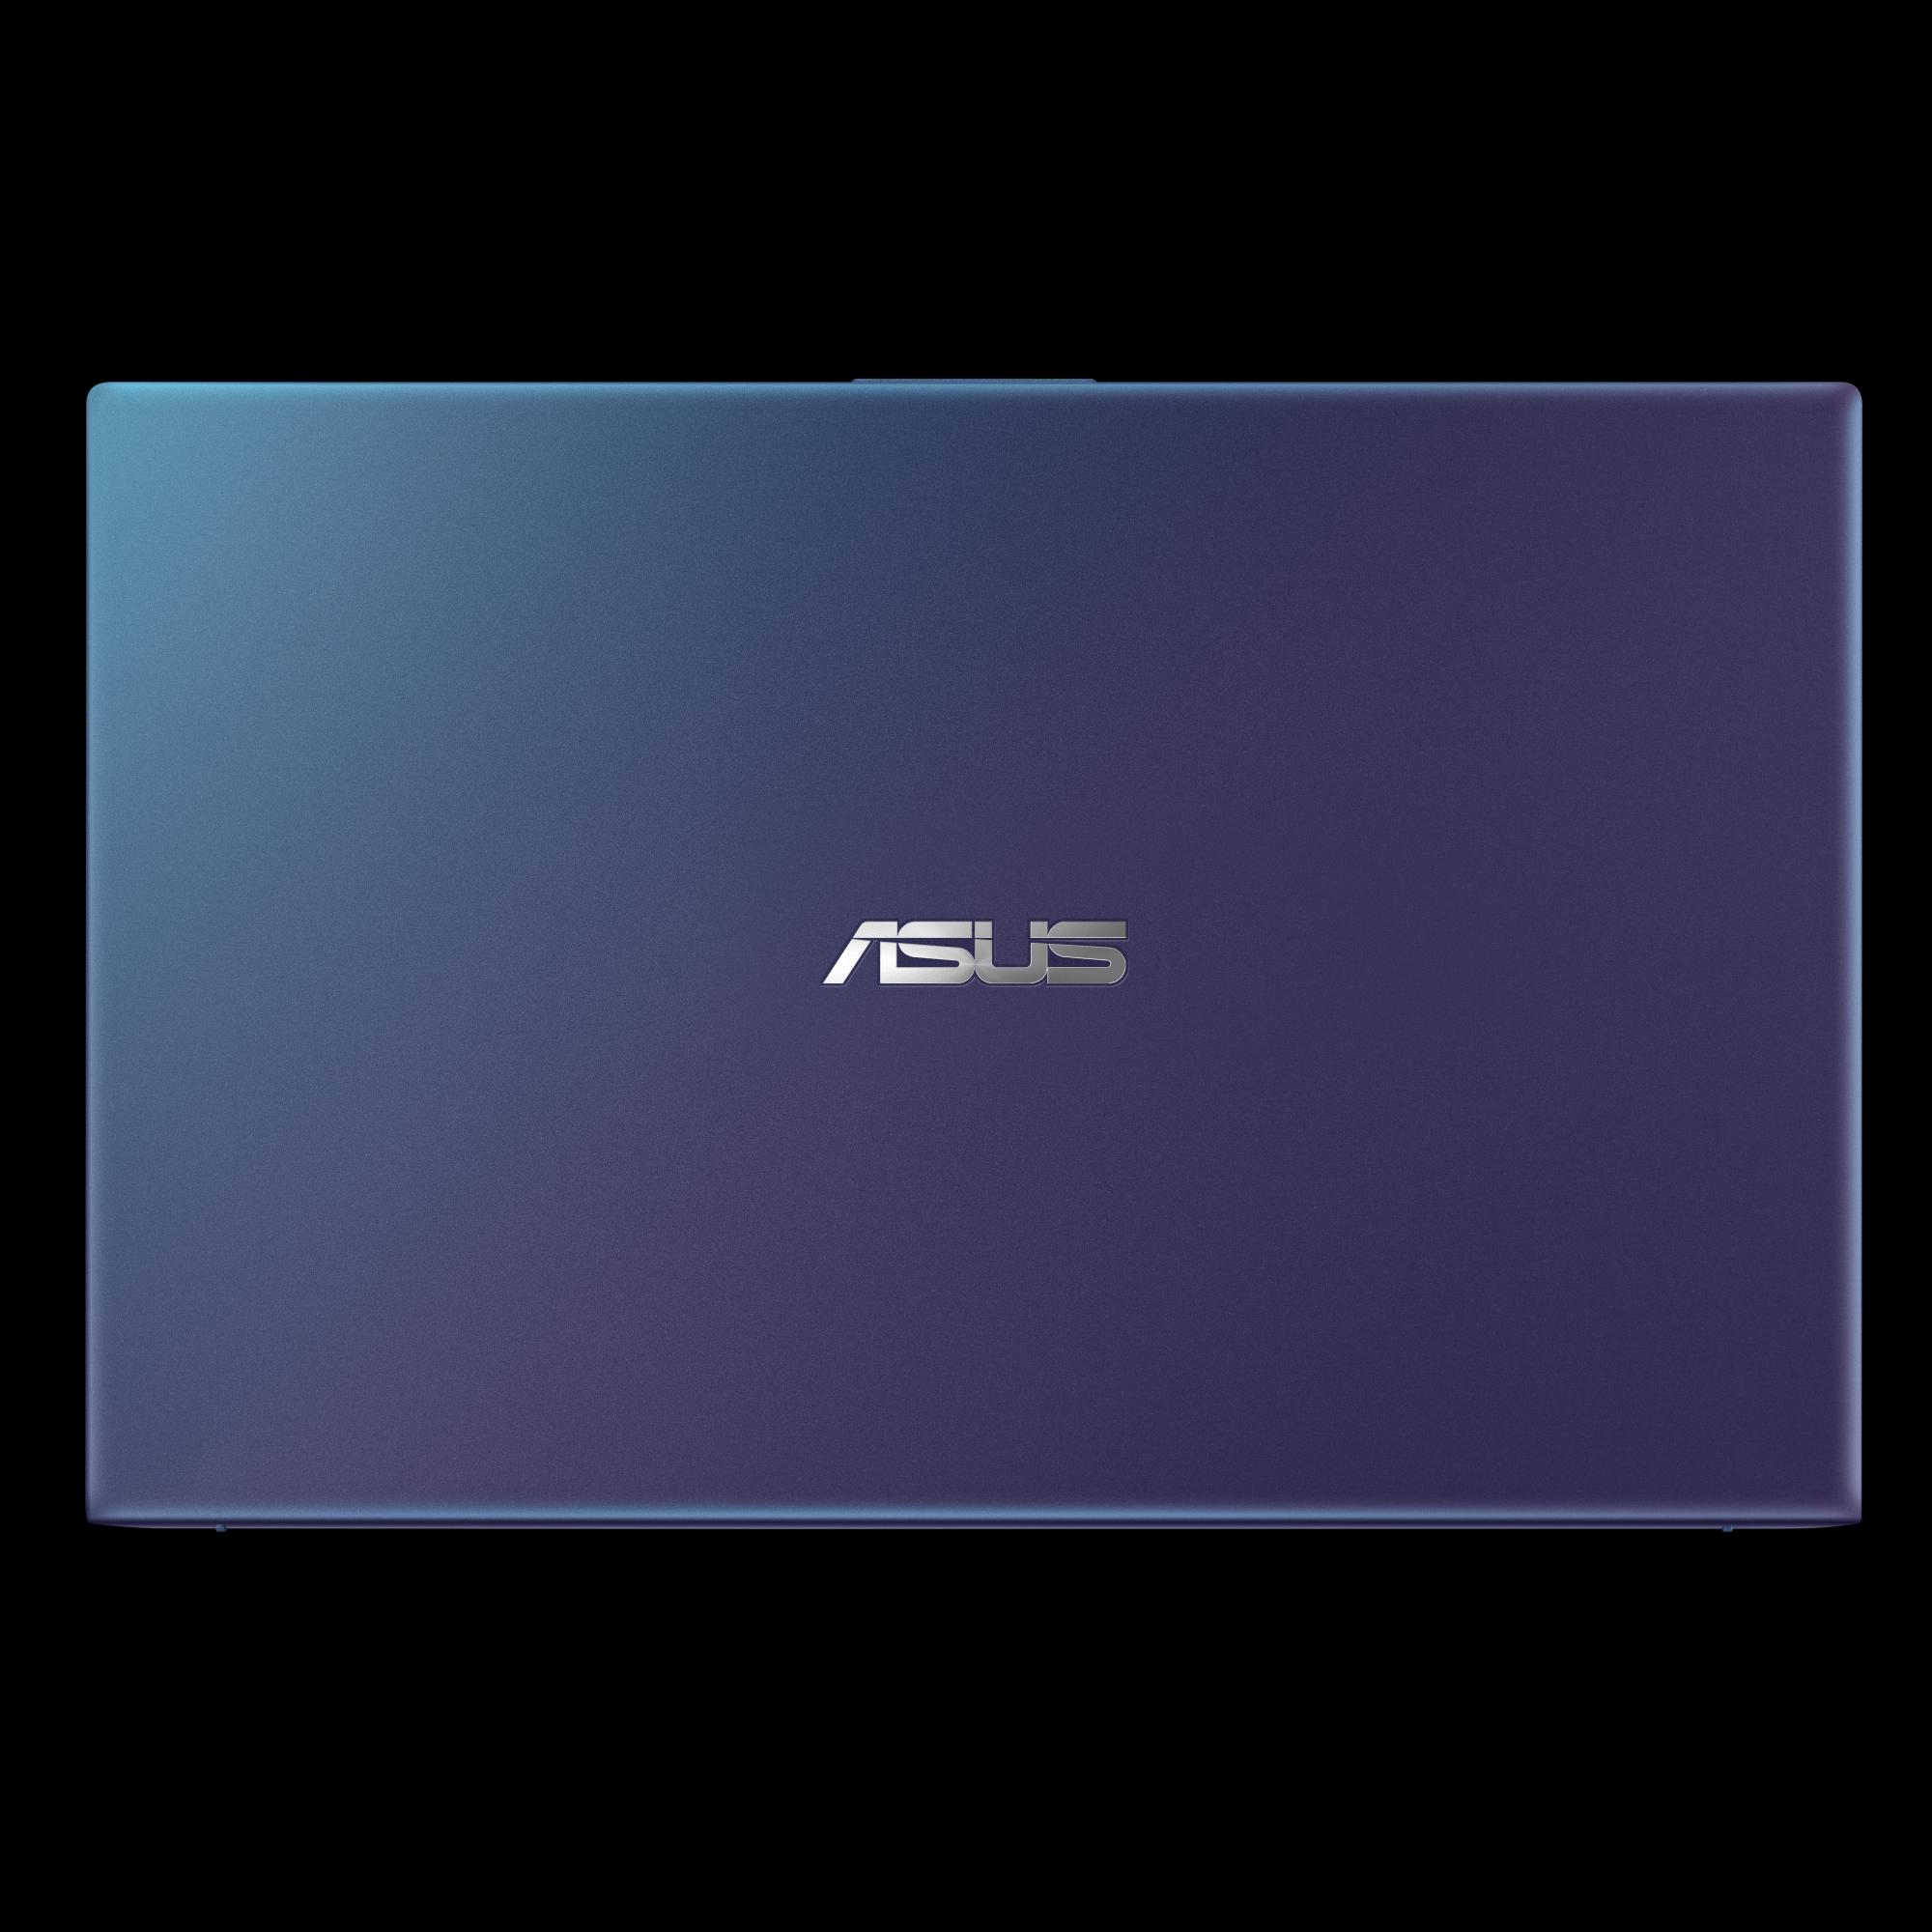 Asus Vivobook 14 und 15: Notebooks ab 500 Euro nutzen Whiskey Lake und Nvidia-GPU - Asus Vivo 14 und 15 (Bild: Asus)